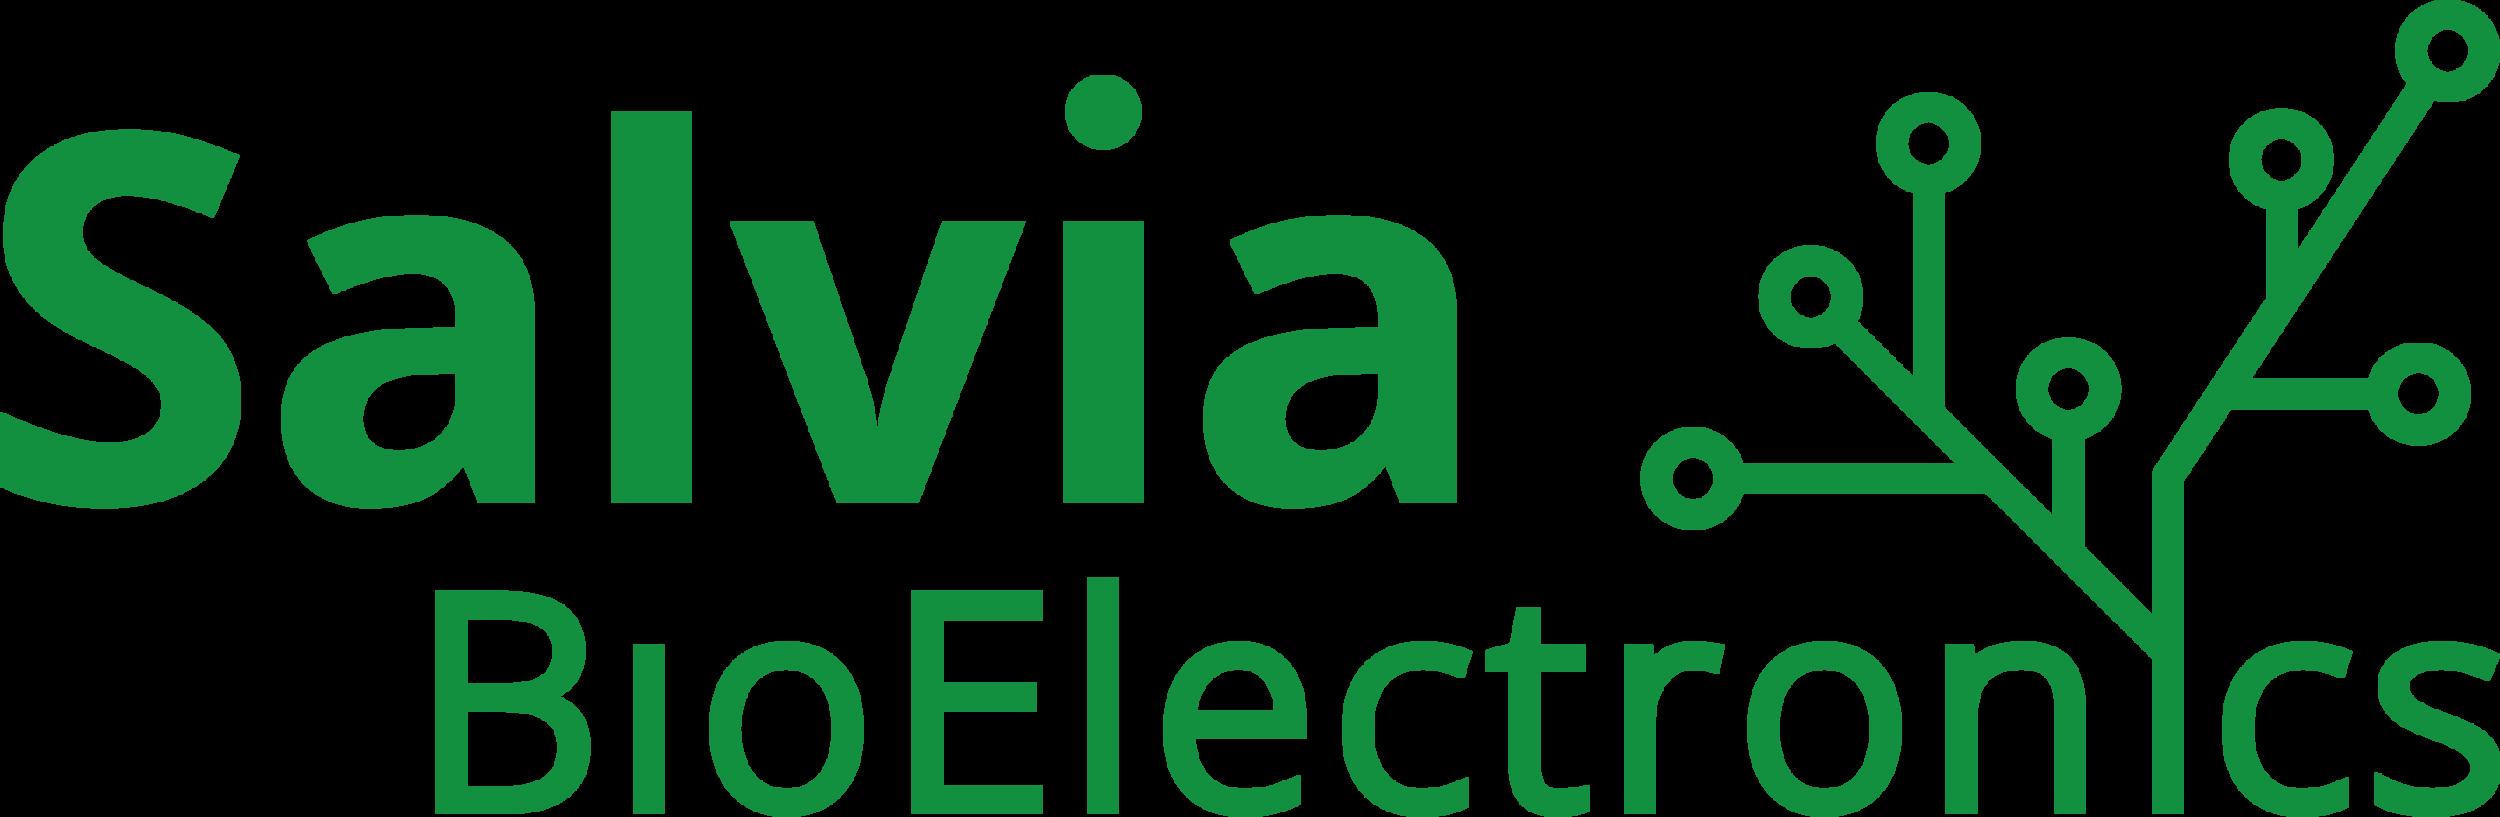 Salvia_logo_Green - Hubert Martens.png